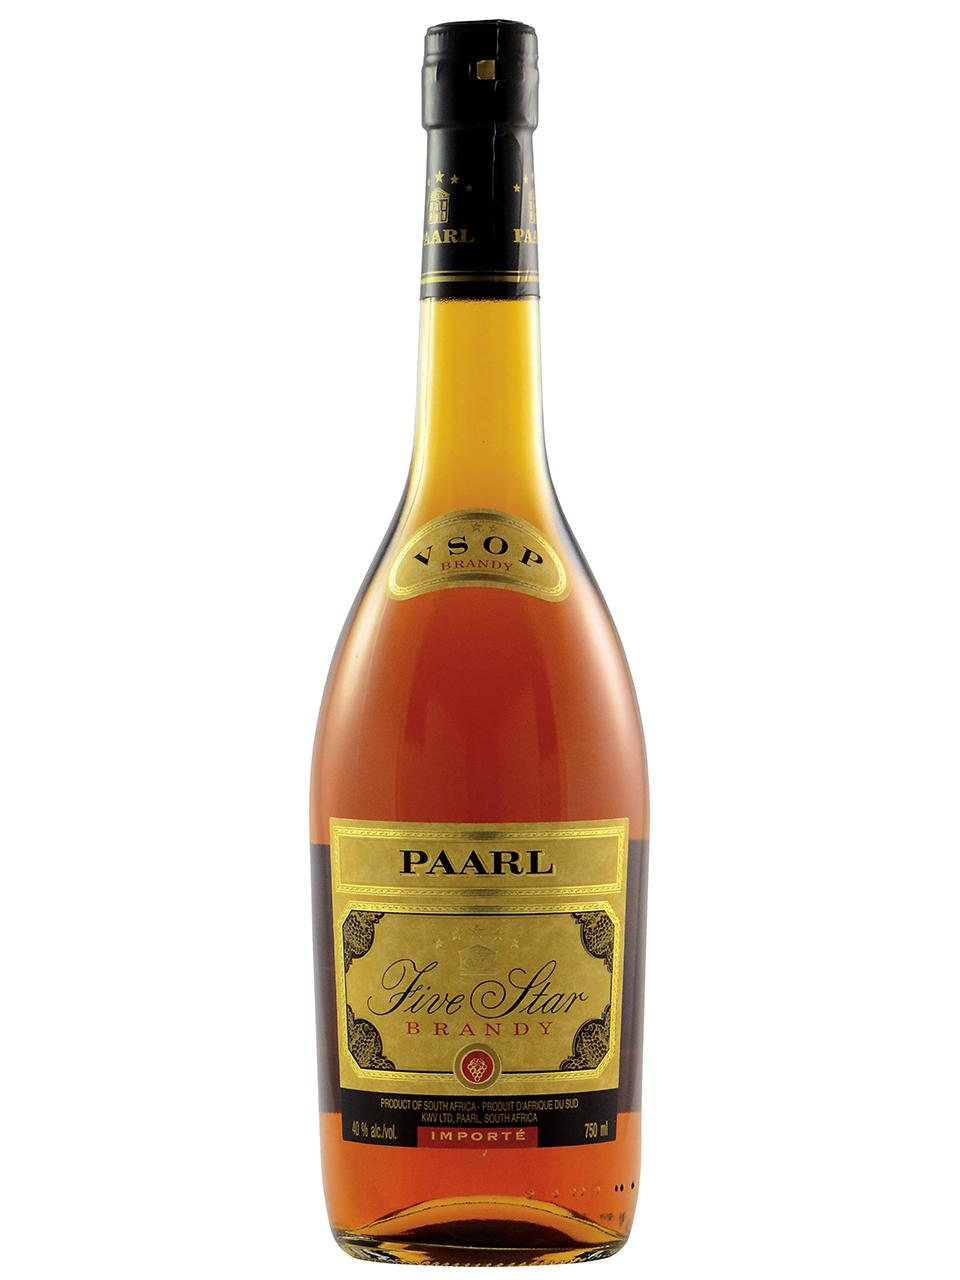 Paarl 5 Star VSOP Brandy